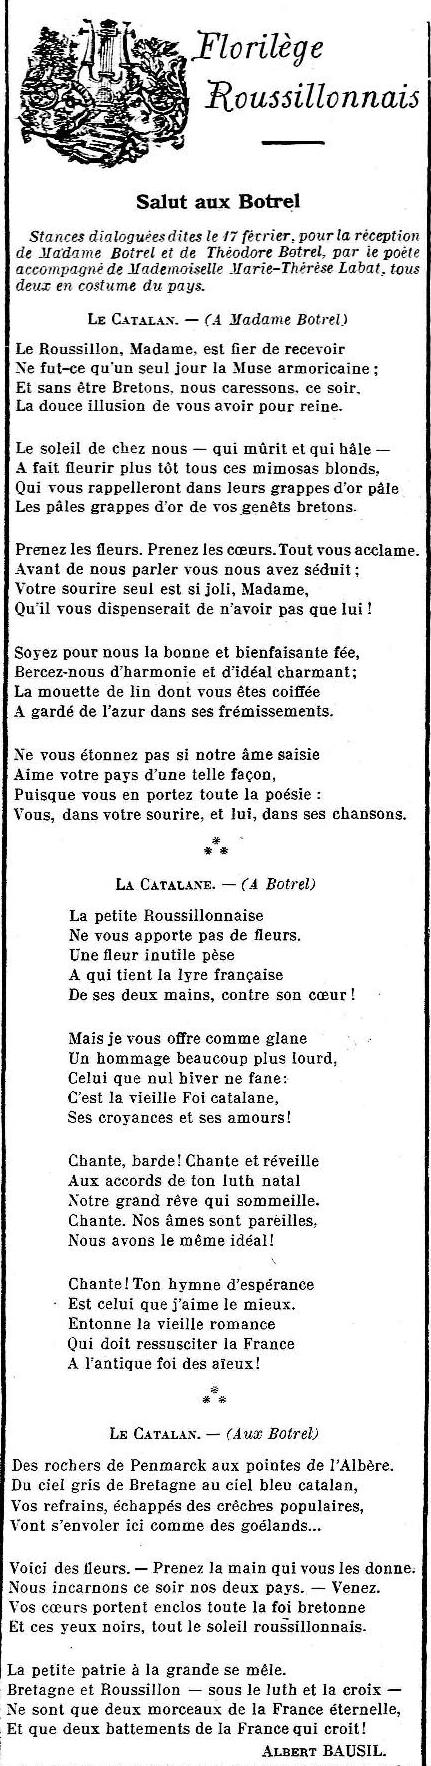 24 fevrier 1912 le cri Catalan, poésie d'Albert Bausil en hommage aux Botrel.